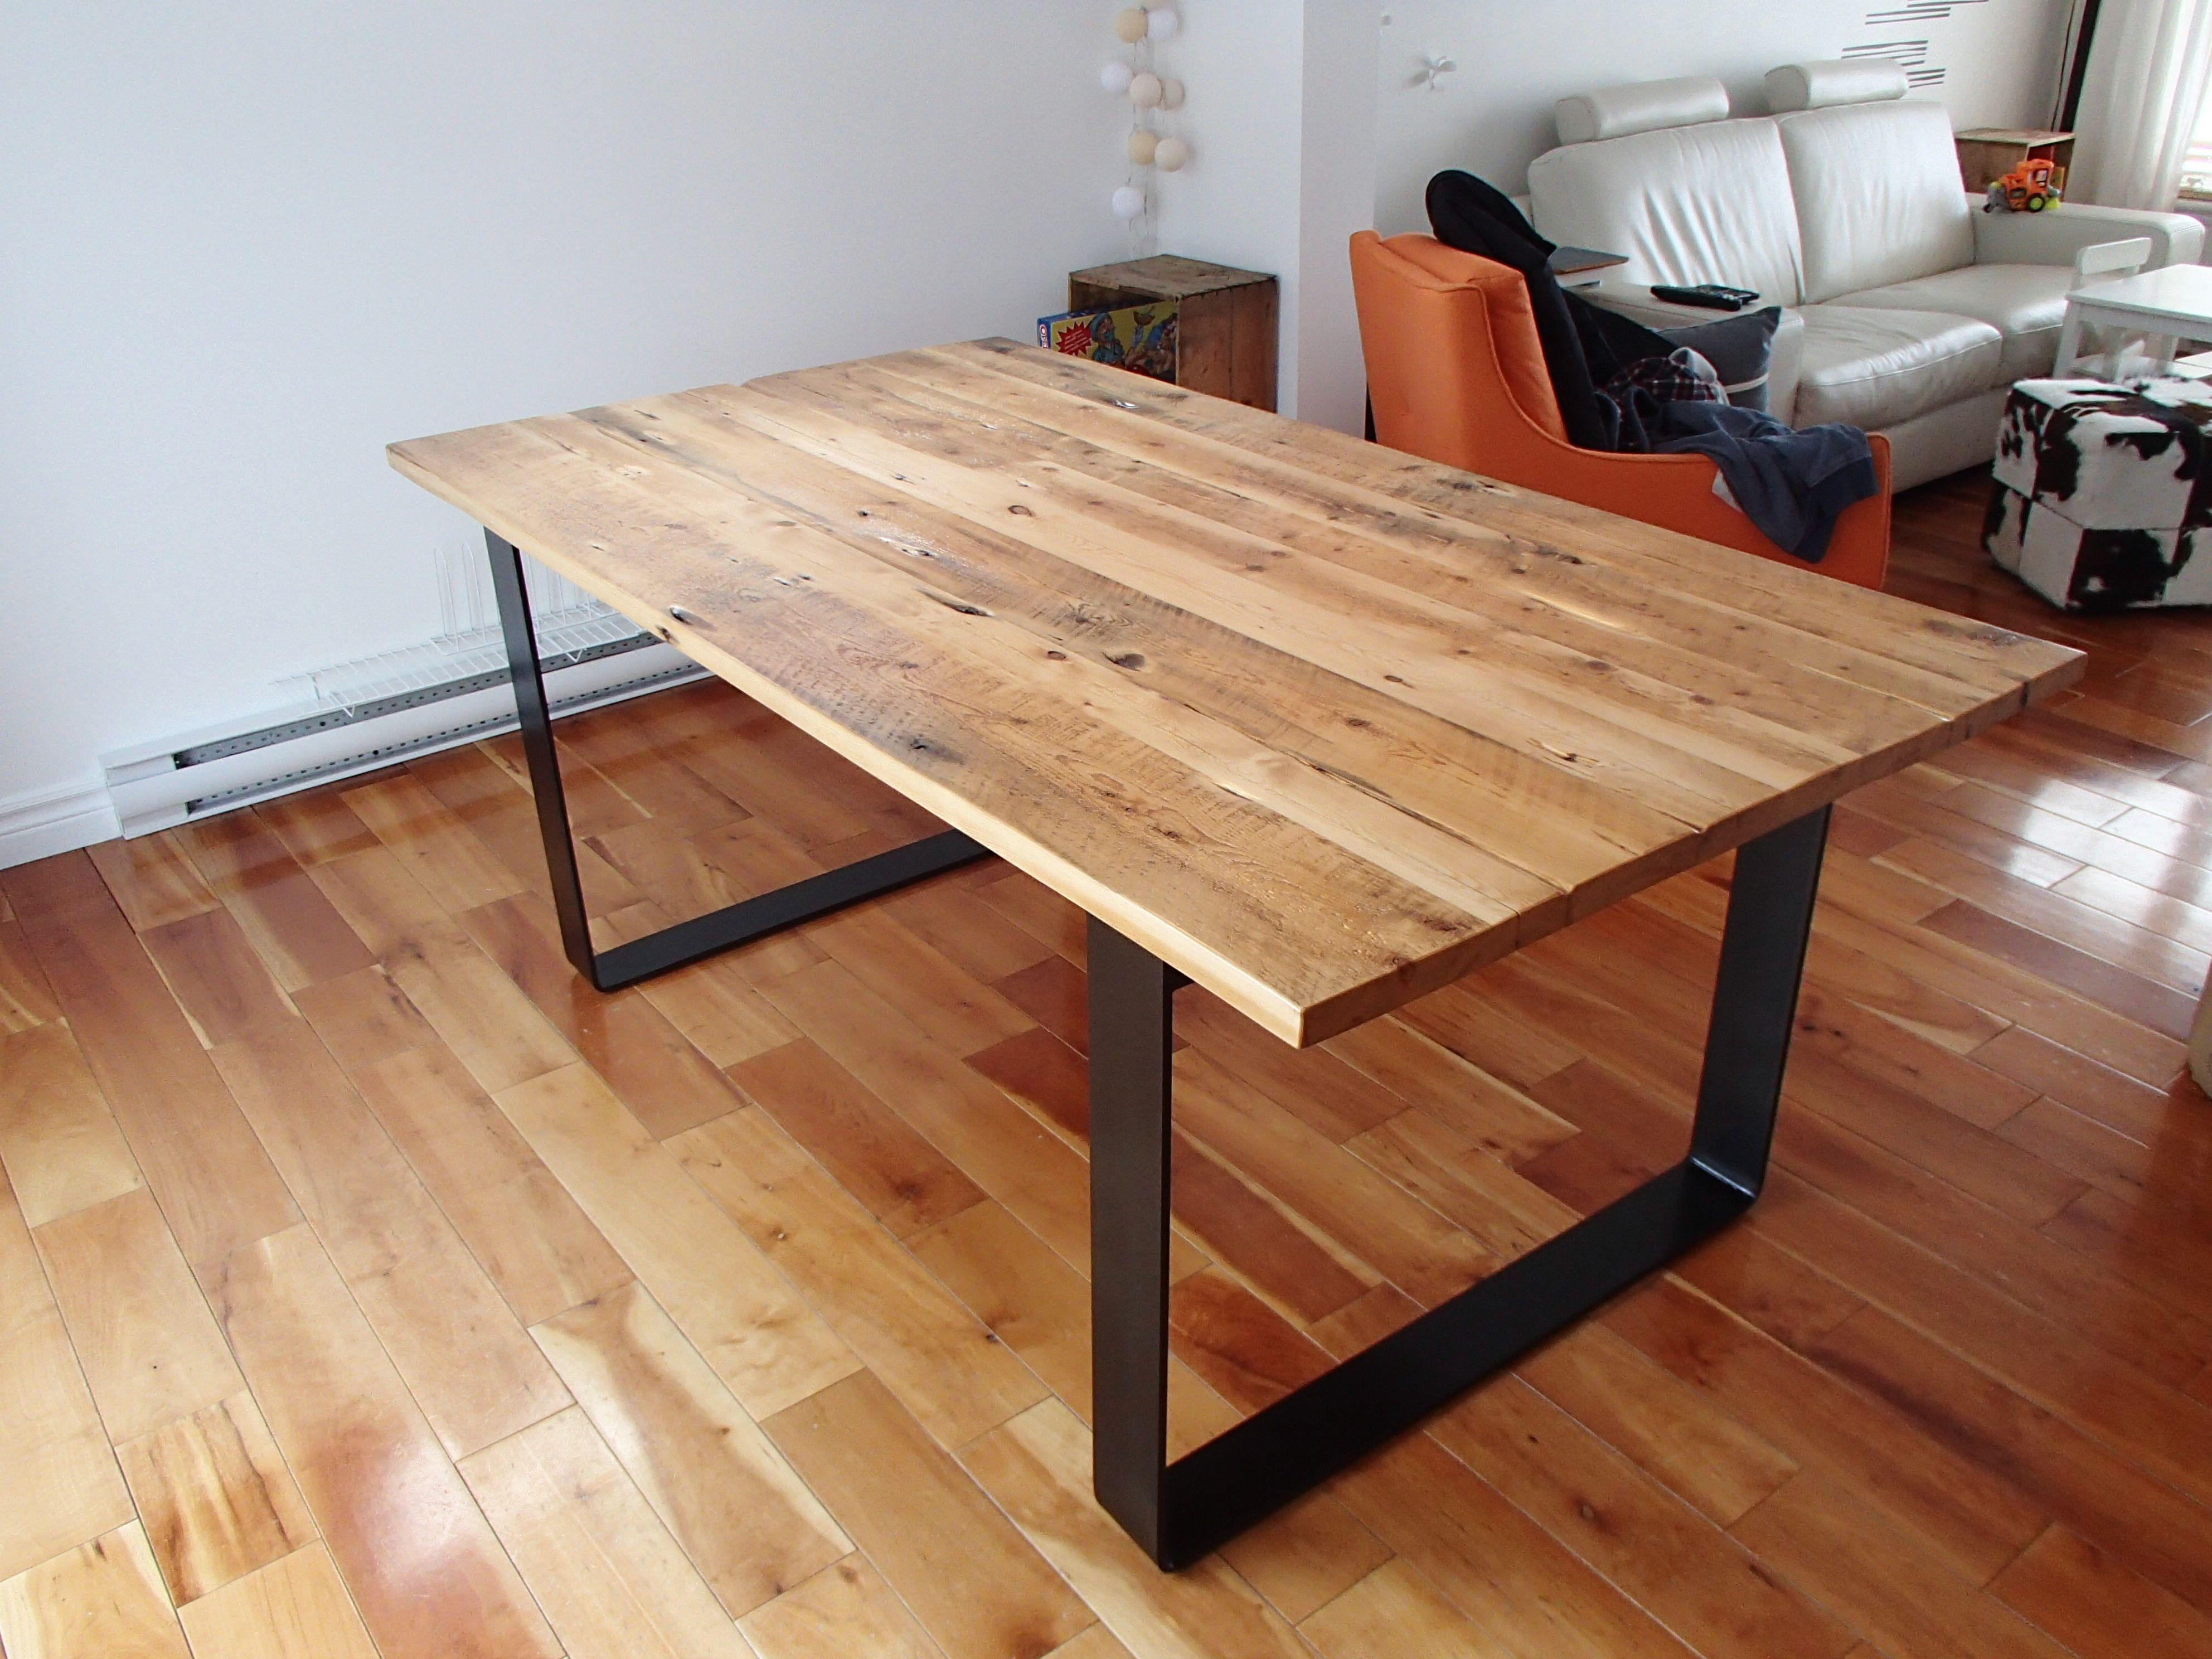 collection industriel table bois de grange et acier recycl table pinterest table bois. Black Bedroom Furniture Sets. Home Design Ideas